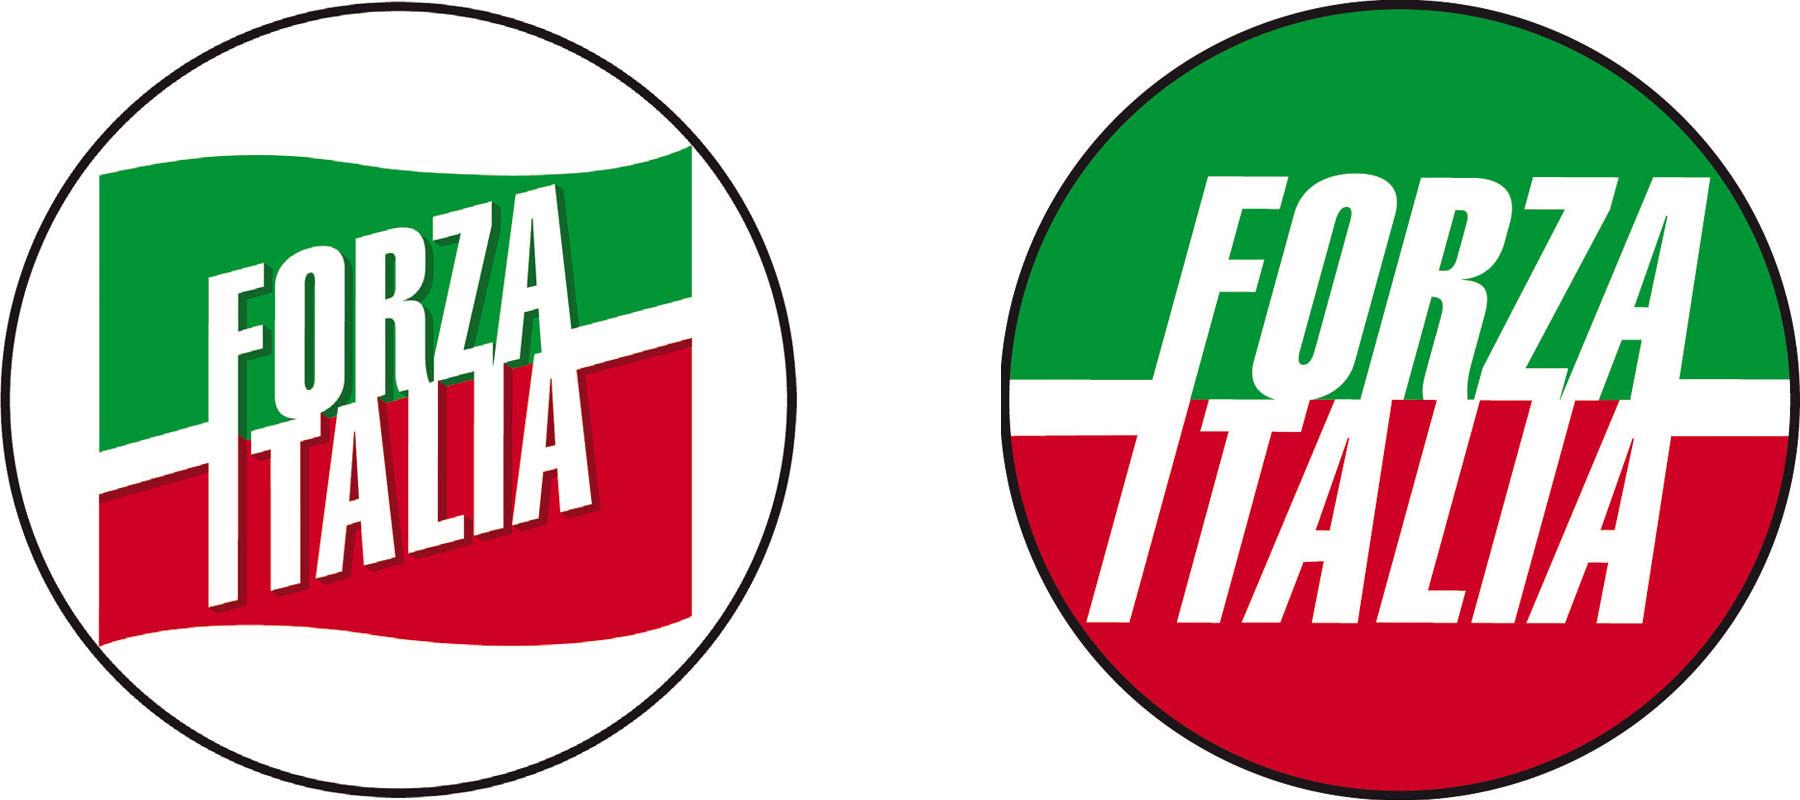 Il simbolo di forza italia narrato dal creatore for Deputati di forza italia